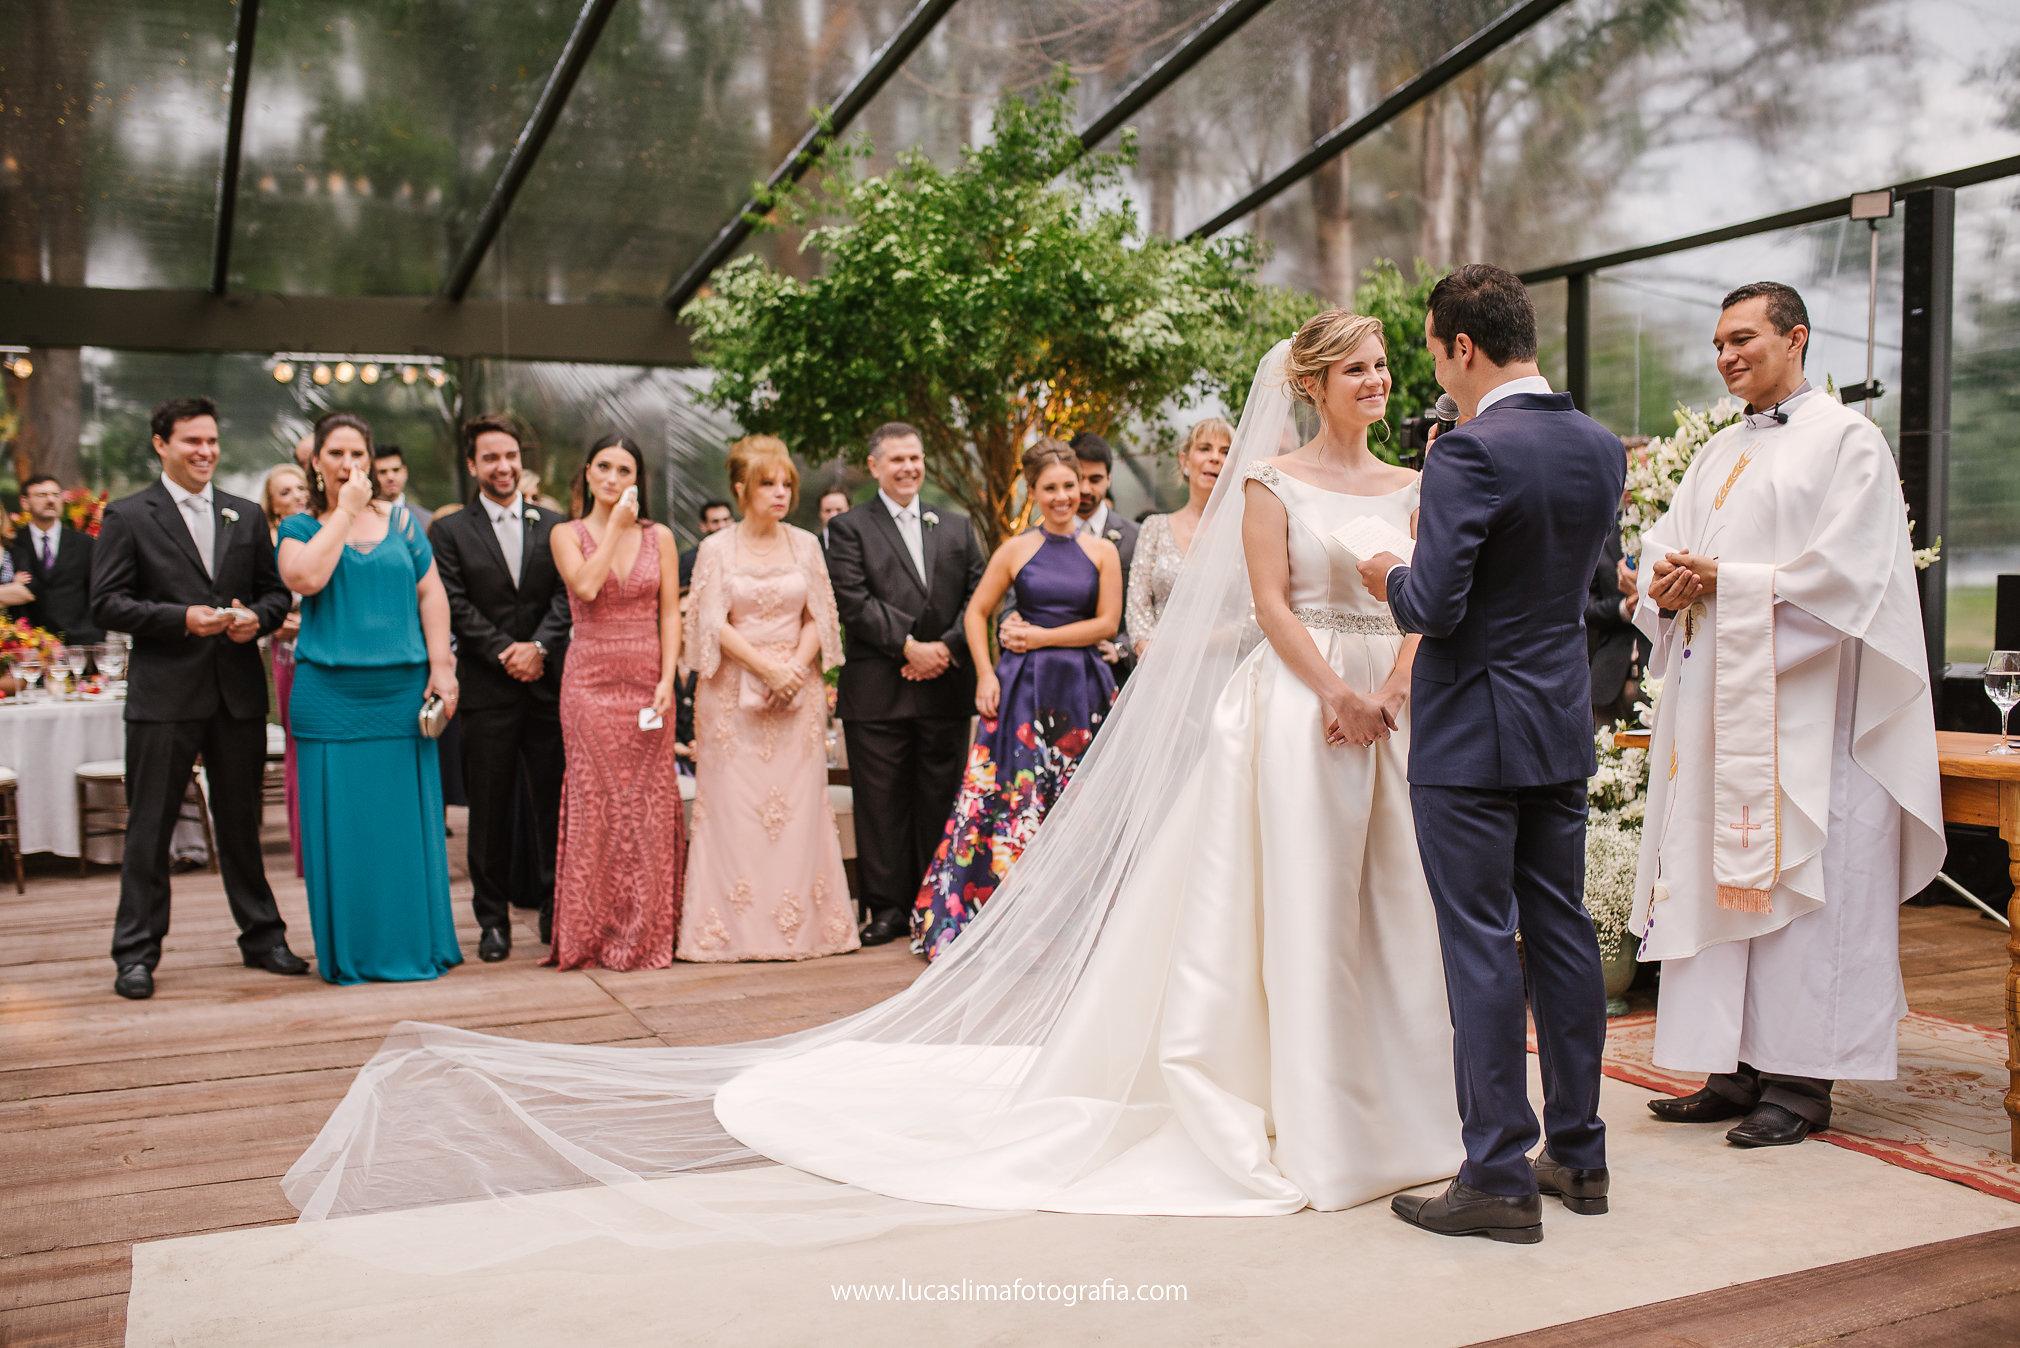 casamento-flavia-e-thomas-lucaslimafotografia-121